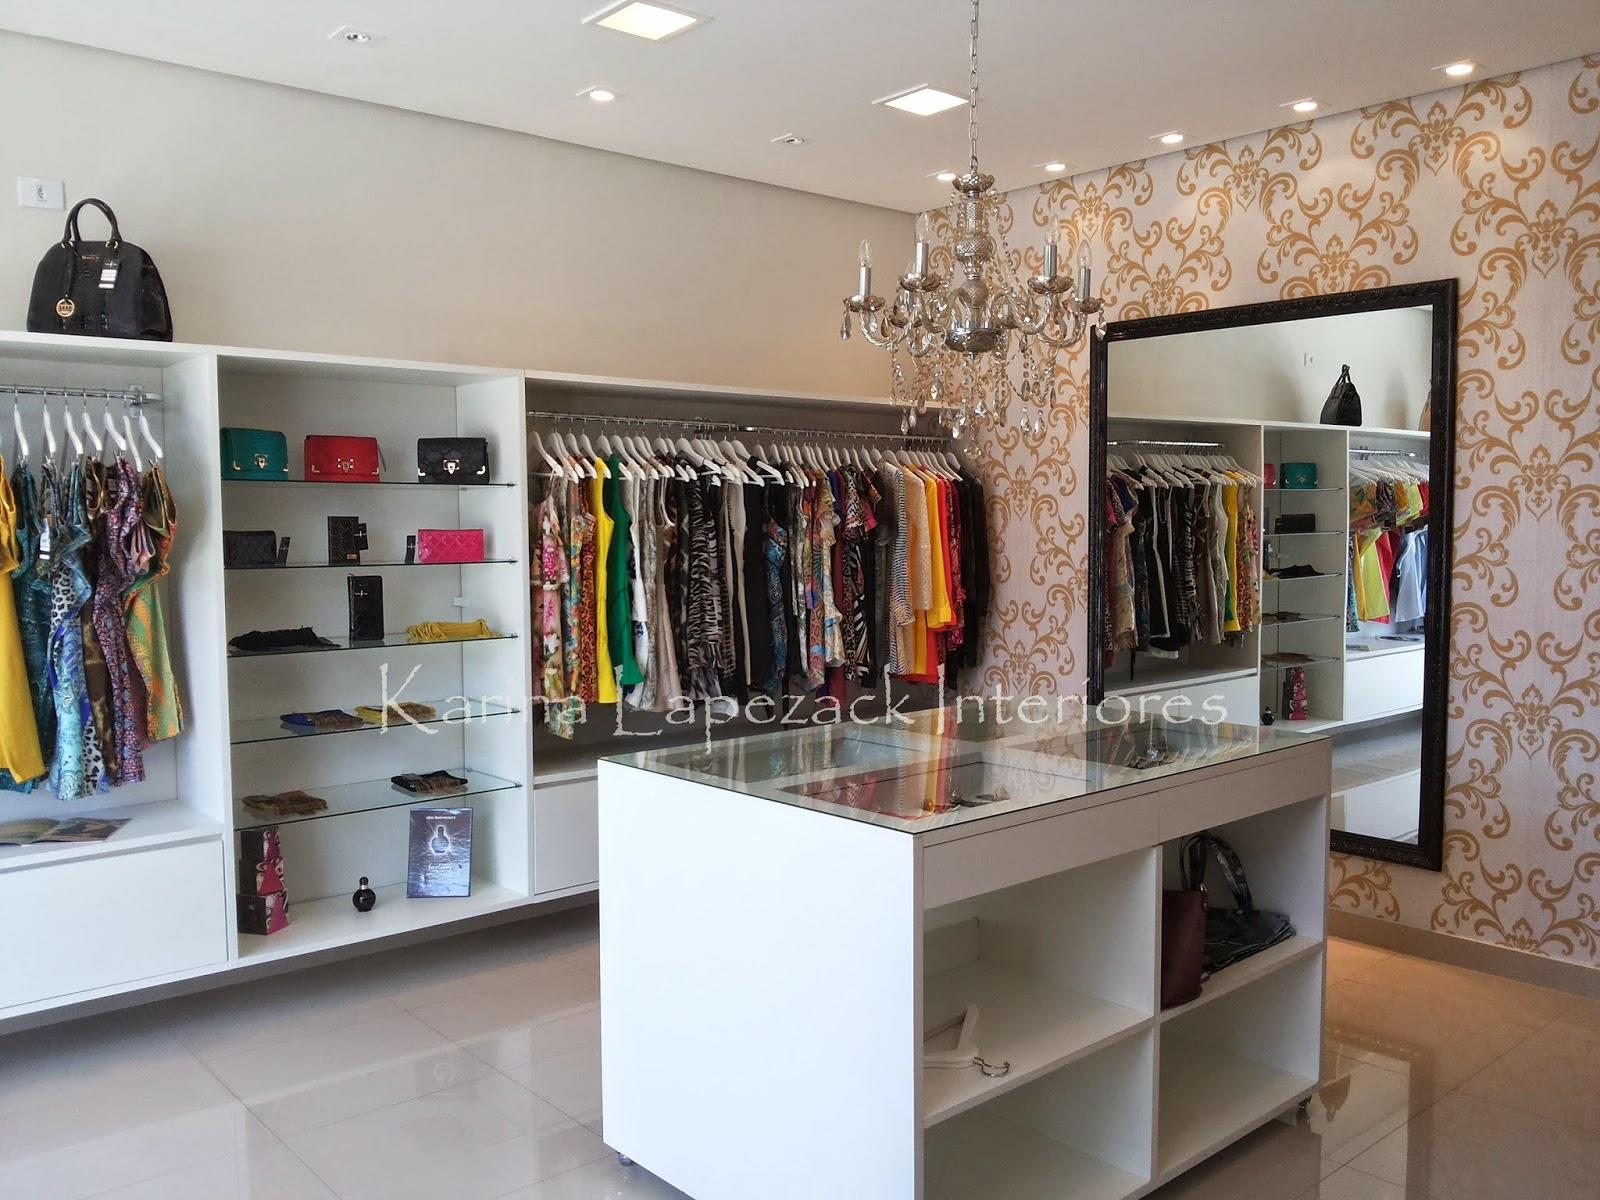 decoracao de interiores lojas:organização dos produtos para uma loja é primordial para as